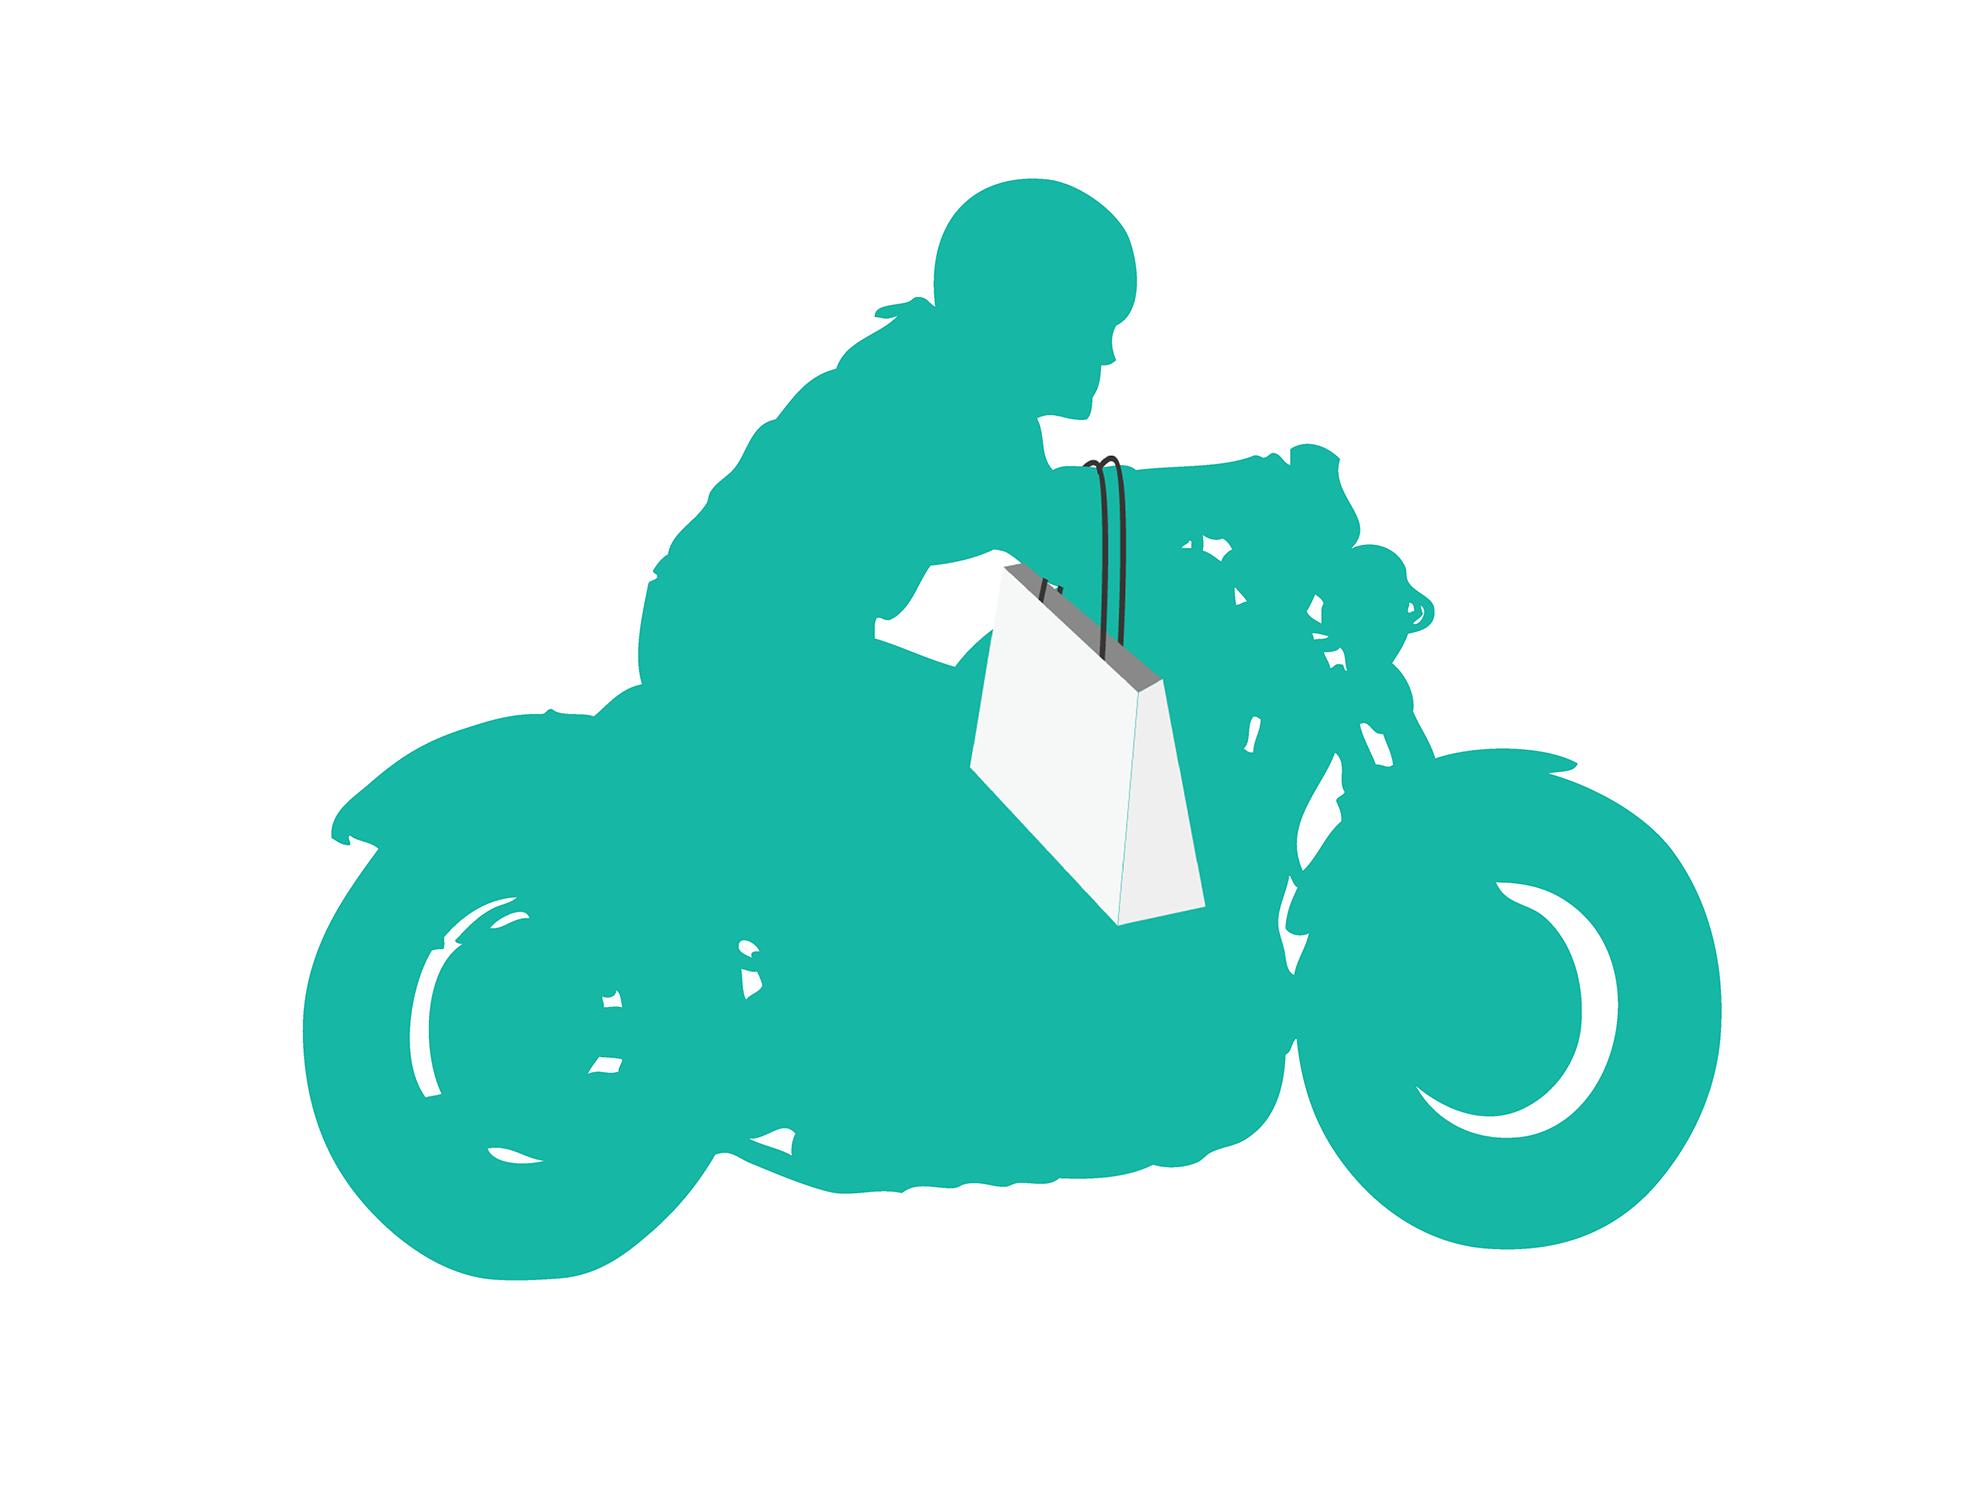 バイクイラスト